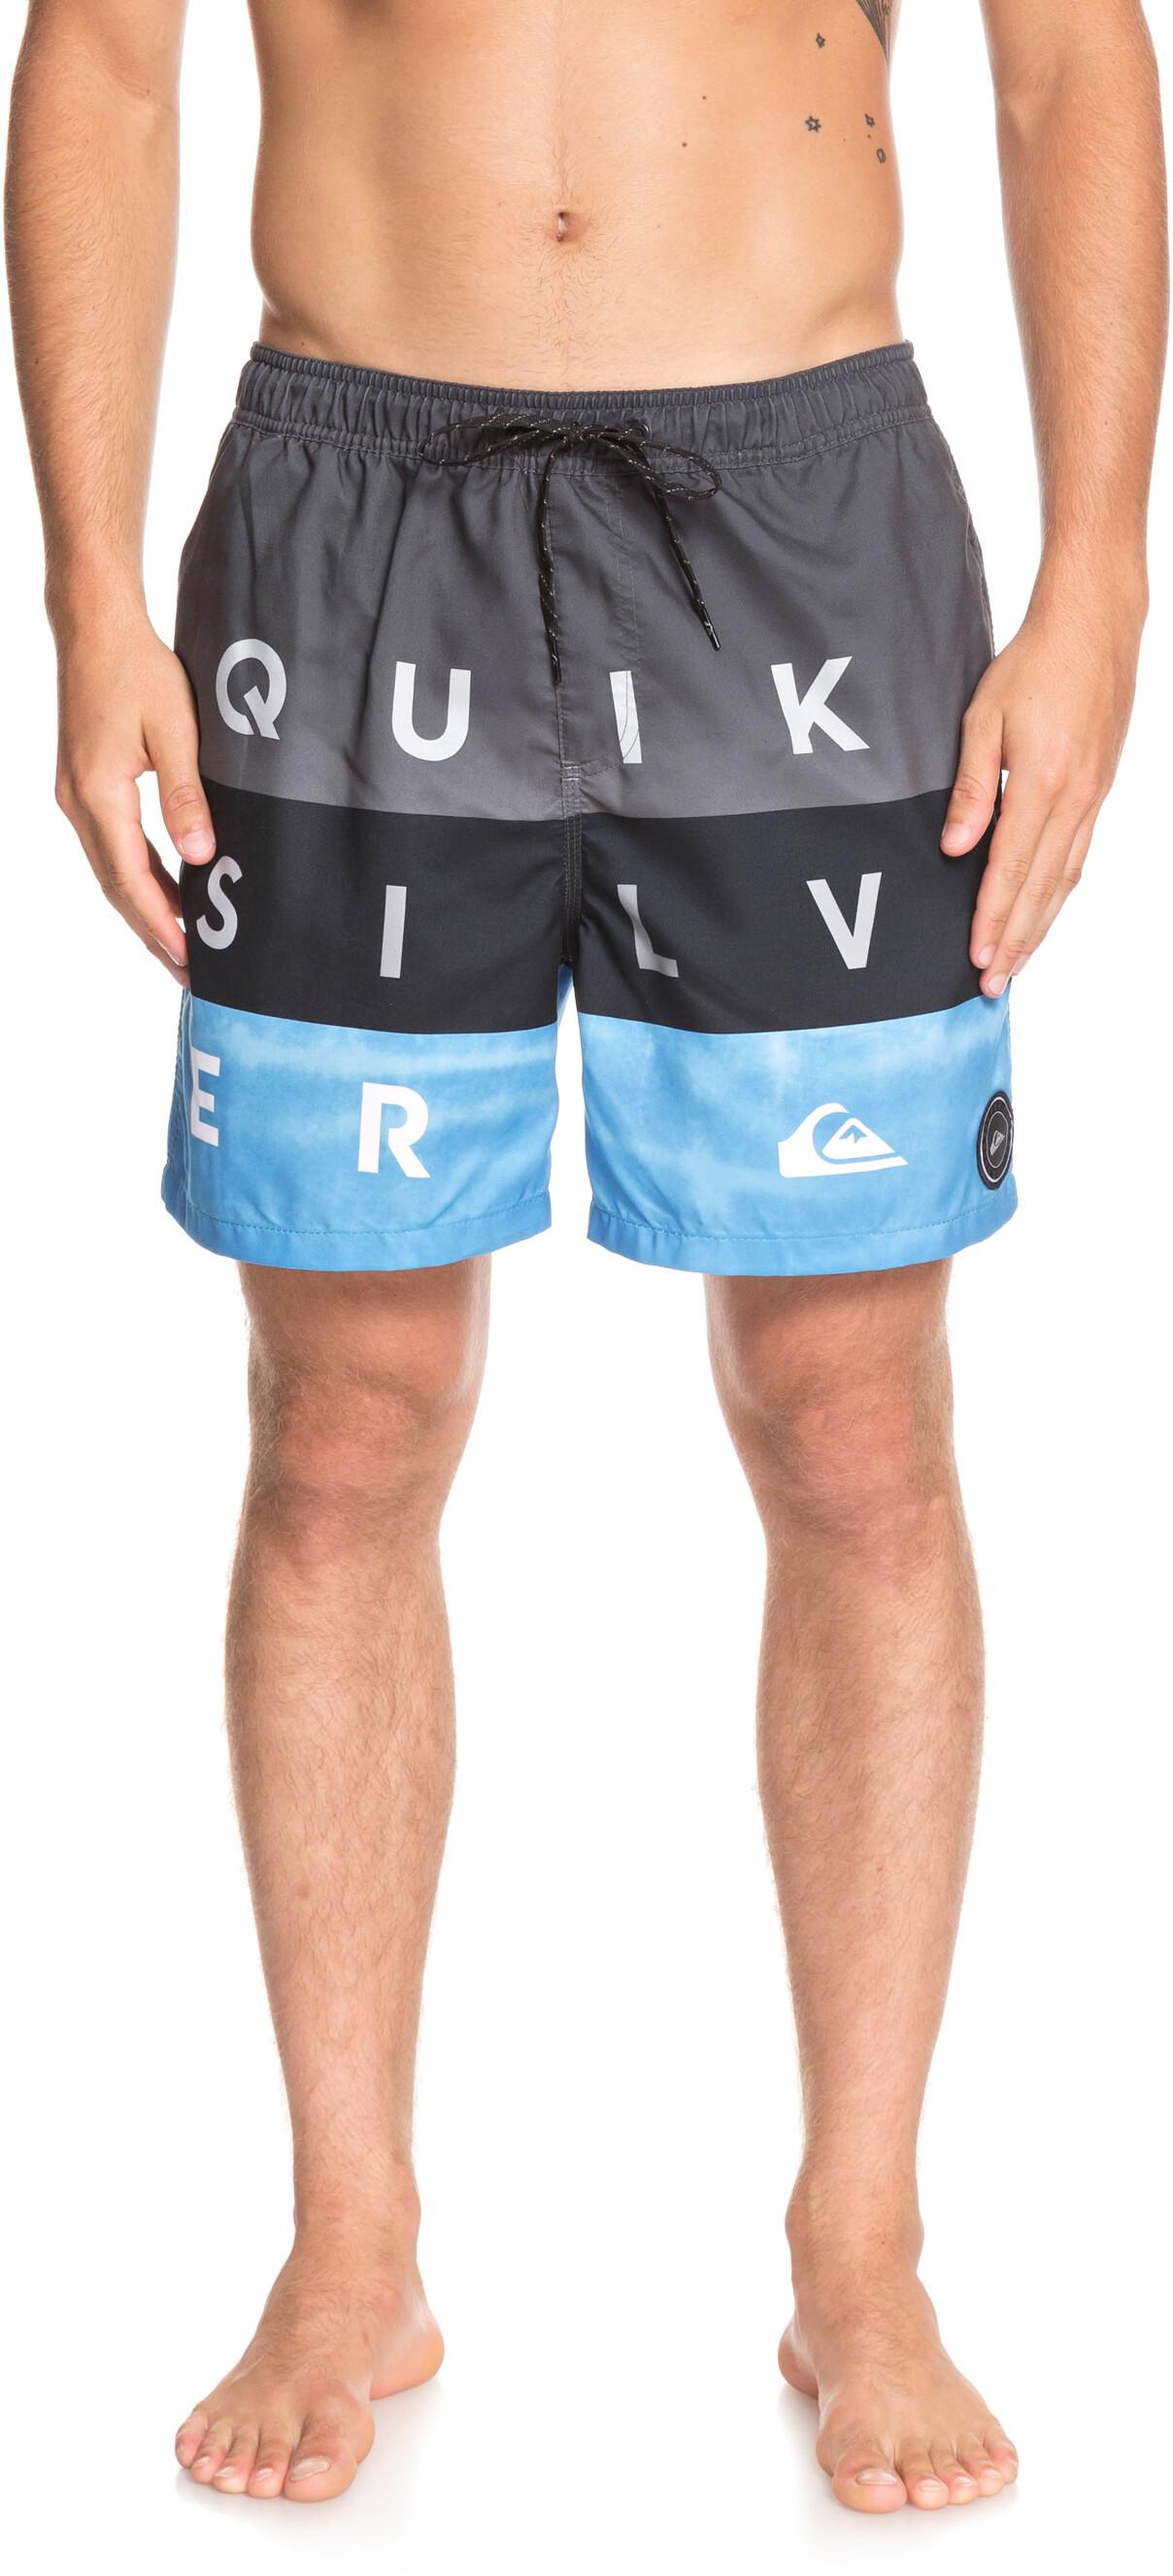 Zwembroek Heren Xl.Quiksilver Word Block Volley 17 Zwembroek Heren Grijs Blauw L